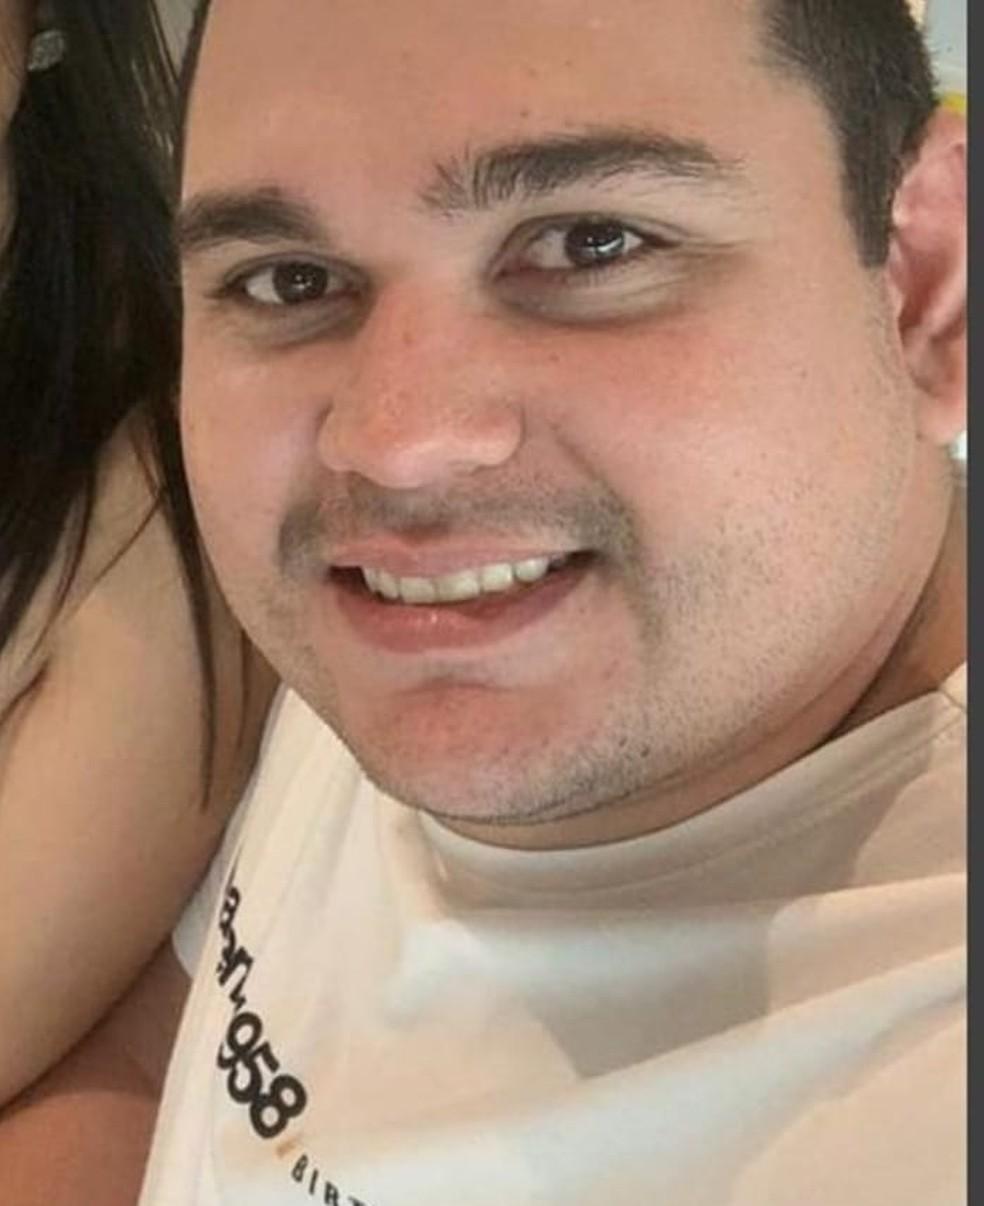 Comerciante George Basílio de Queiroz, de 30 anos, foi morto a tiros nesta quarta (19) dentro da sua loja em Caicó. — Foto: Arquivo da família